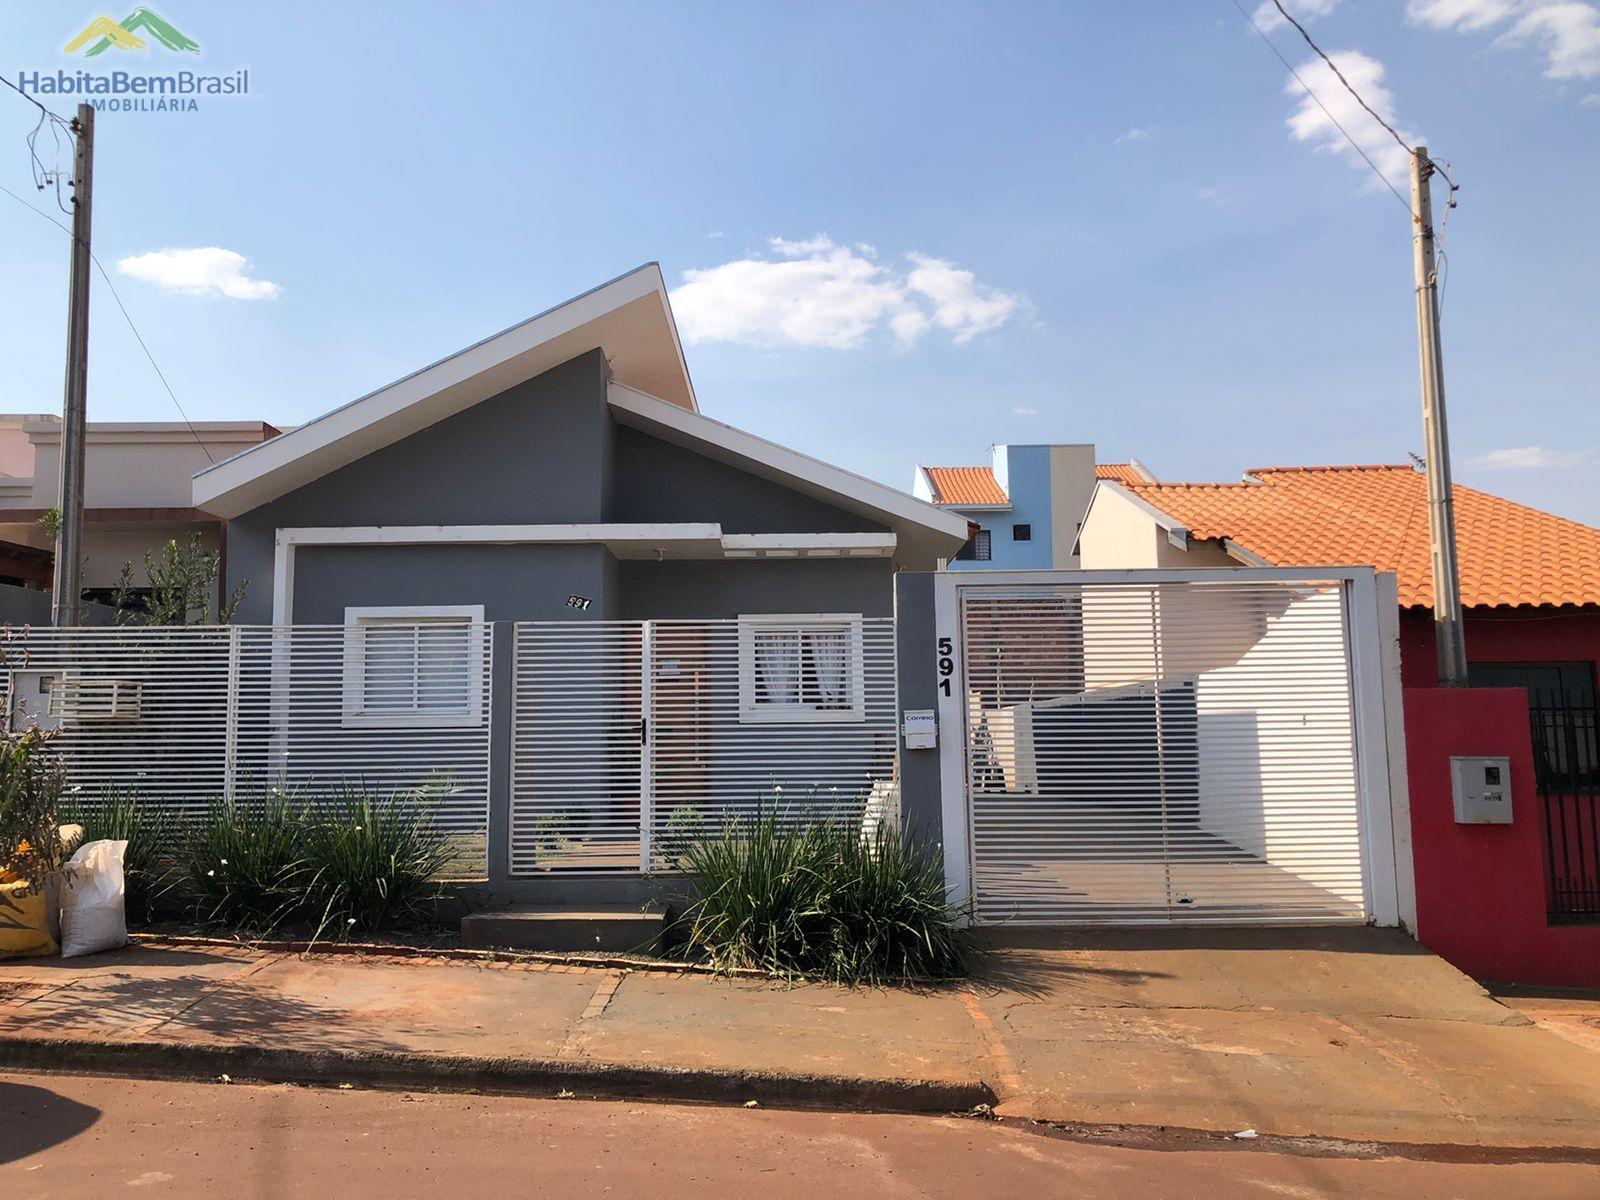 Casa com 3 dormitórios à venda, JARDIM PANORAMA, TOLEDO - PR